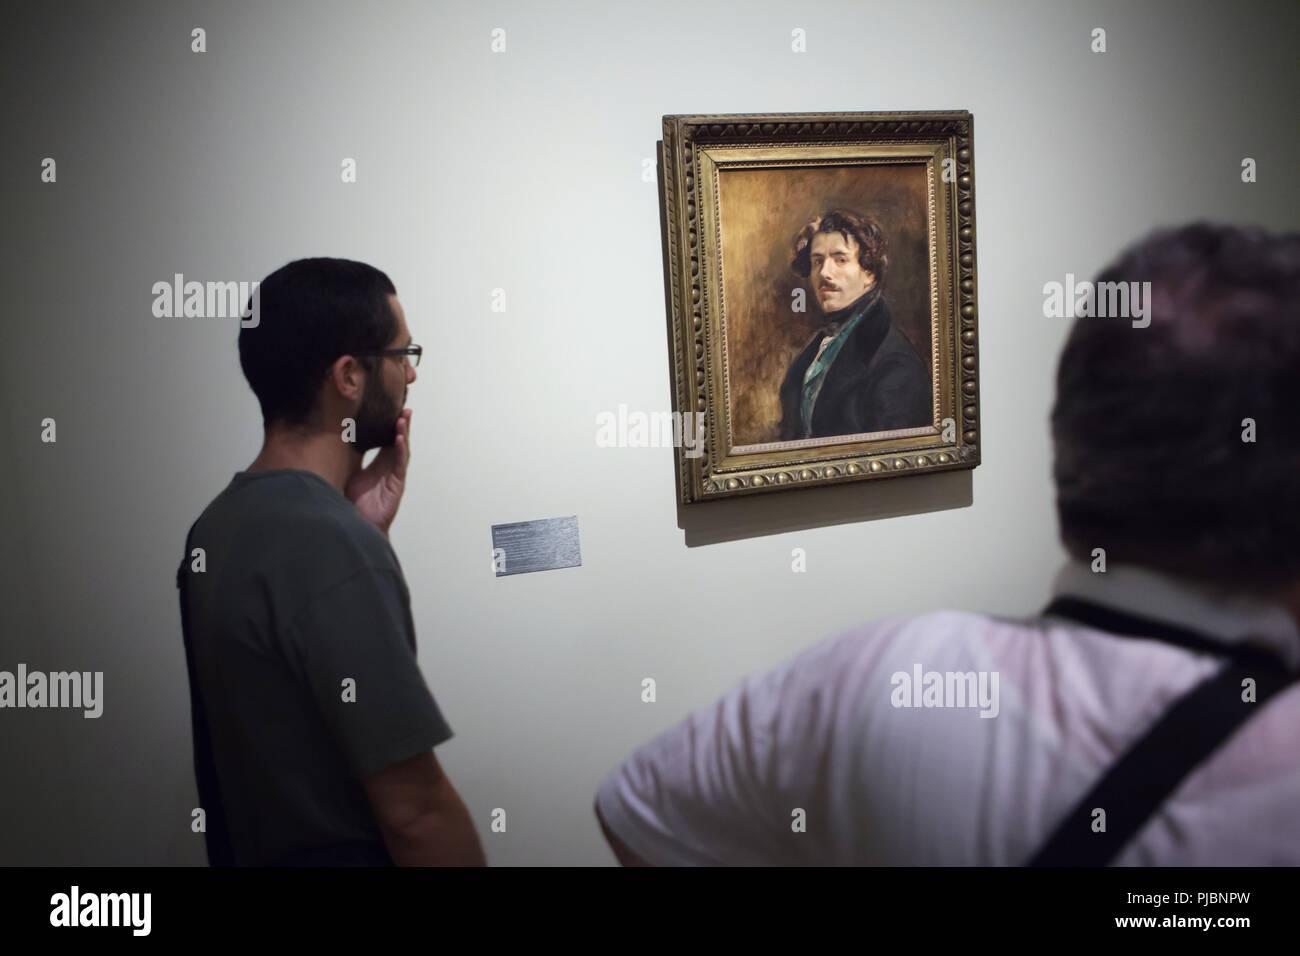 """Besucher vor dem Selbstportrait von Französischen romantischen Maler Eugène Delacroix, bekannt als """"Self-portrait in der grüne Weste' (1837) an seiner Retrospektive im Musée du Louvre in Paris, Frankreich angezeigt. Die Ausstellung, die Meisterwerke der Führer der französischen Romantik läuft bis 23. Juli 2018. Stockbild"""